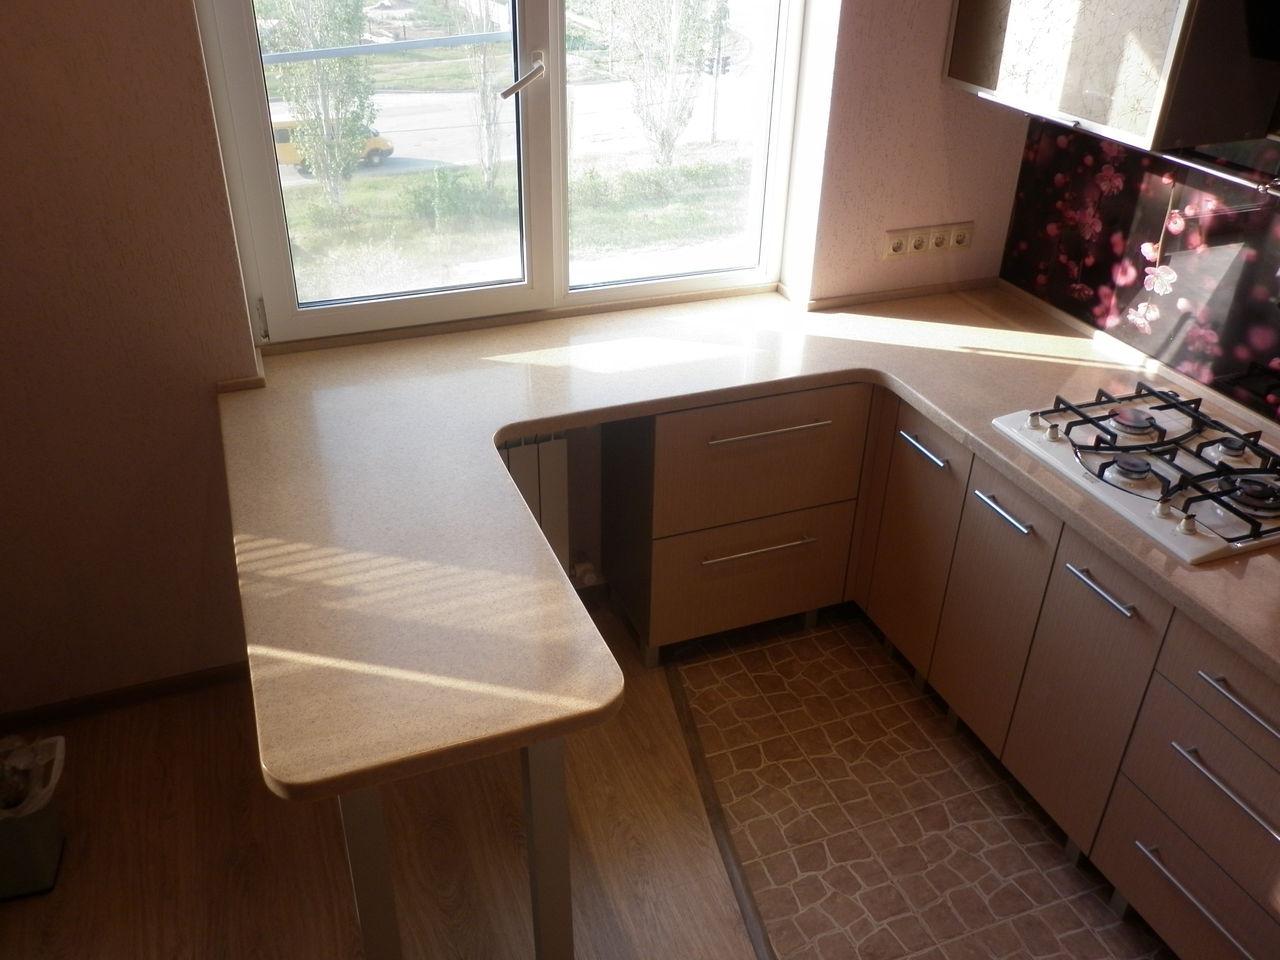 стол из искуственного камня вместо подоконника